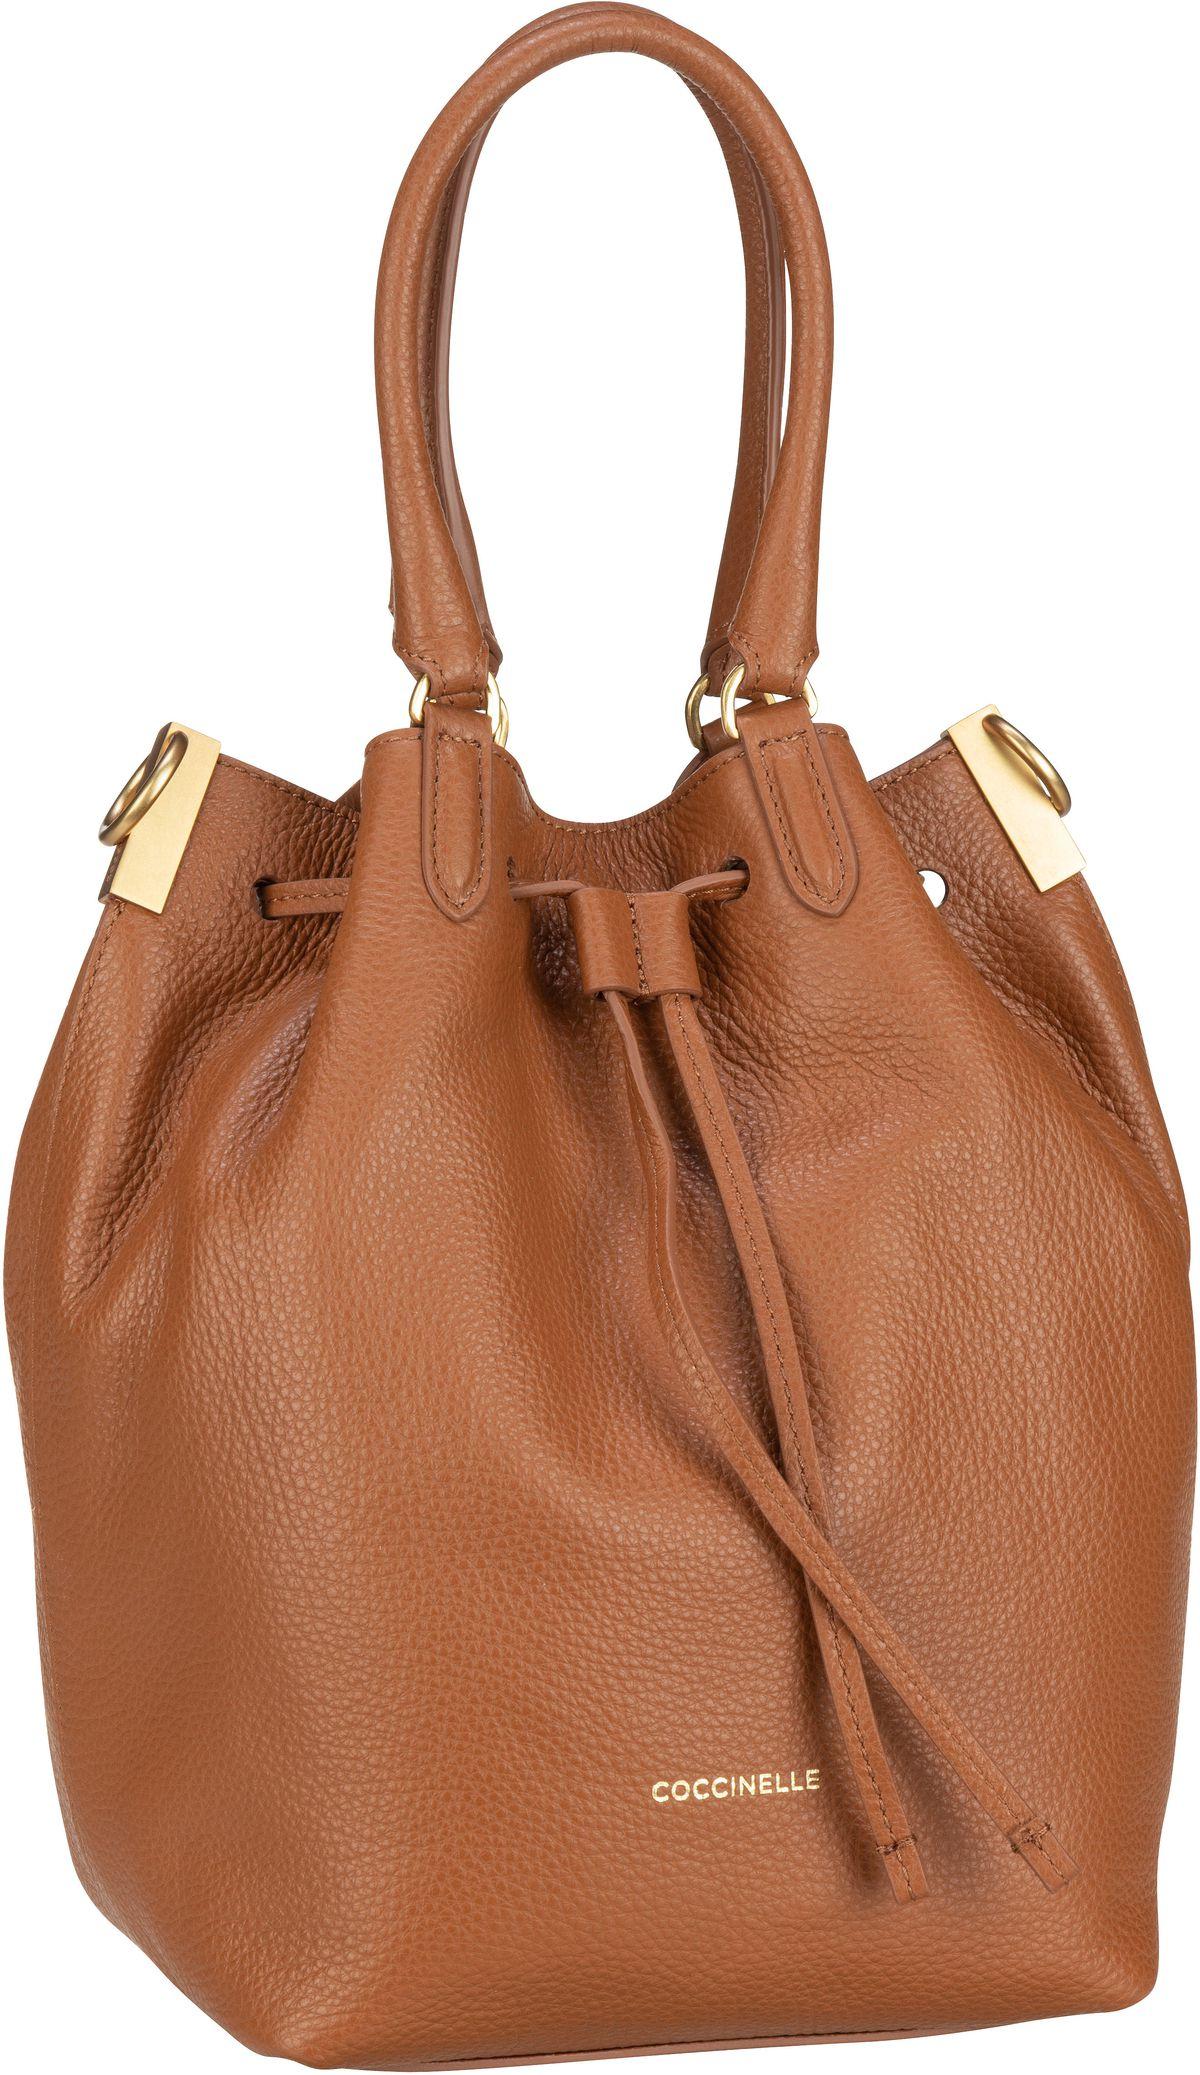 Handtasche Gabrielle 1802 Caramel